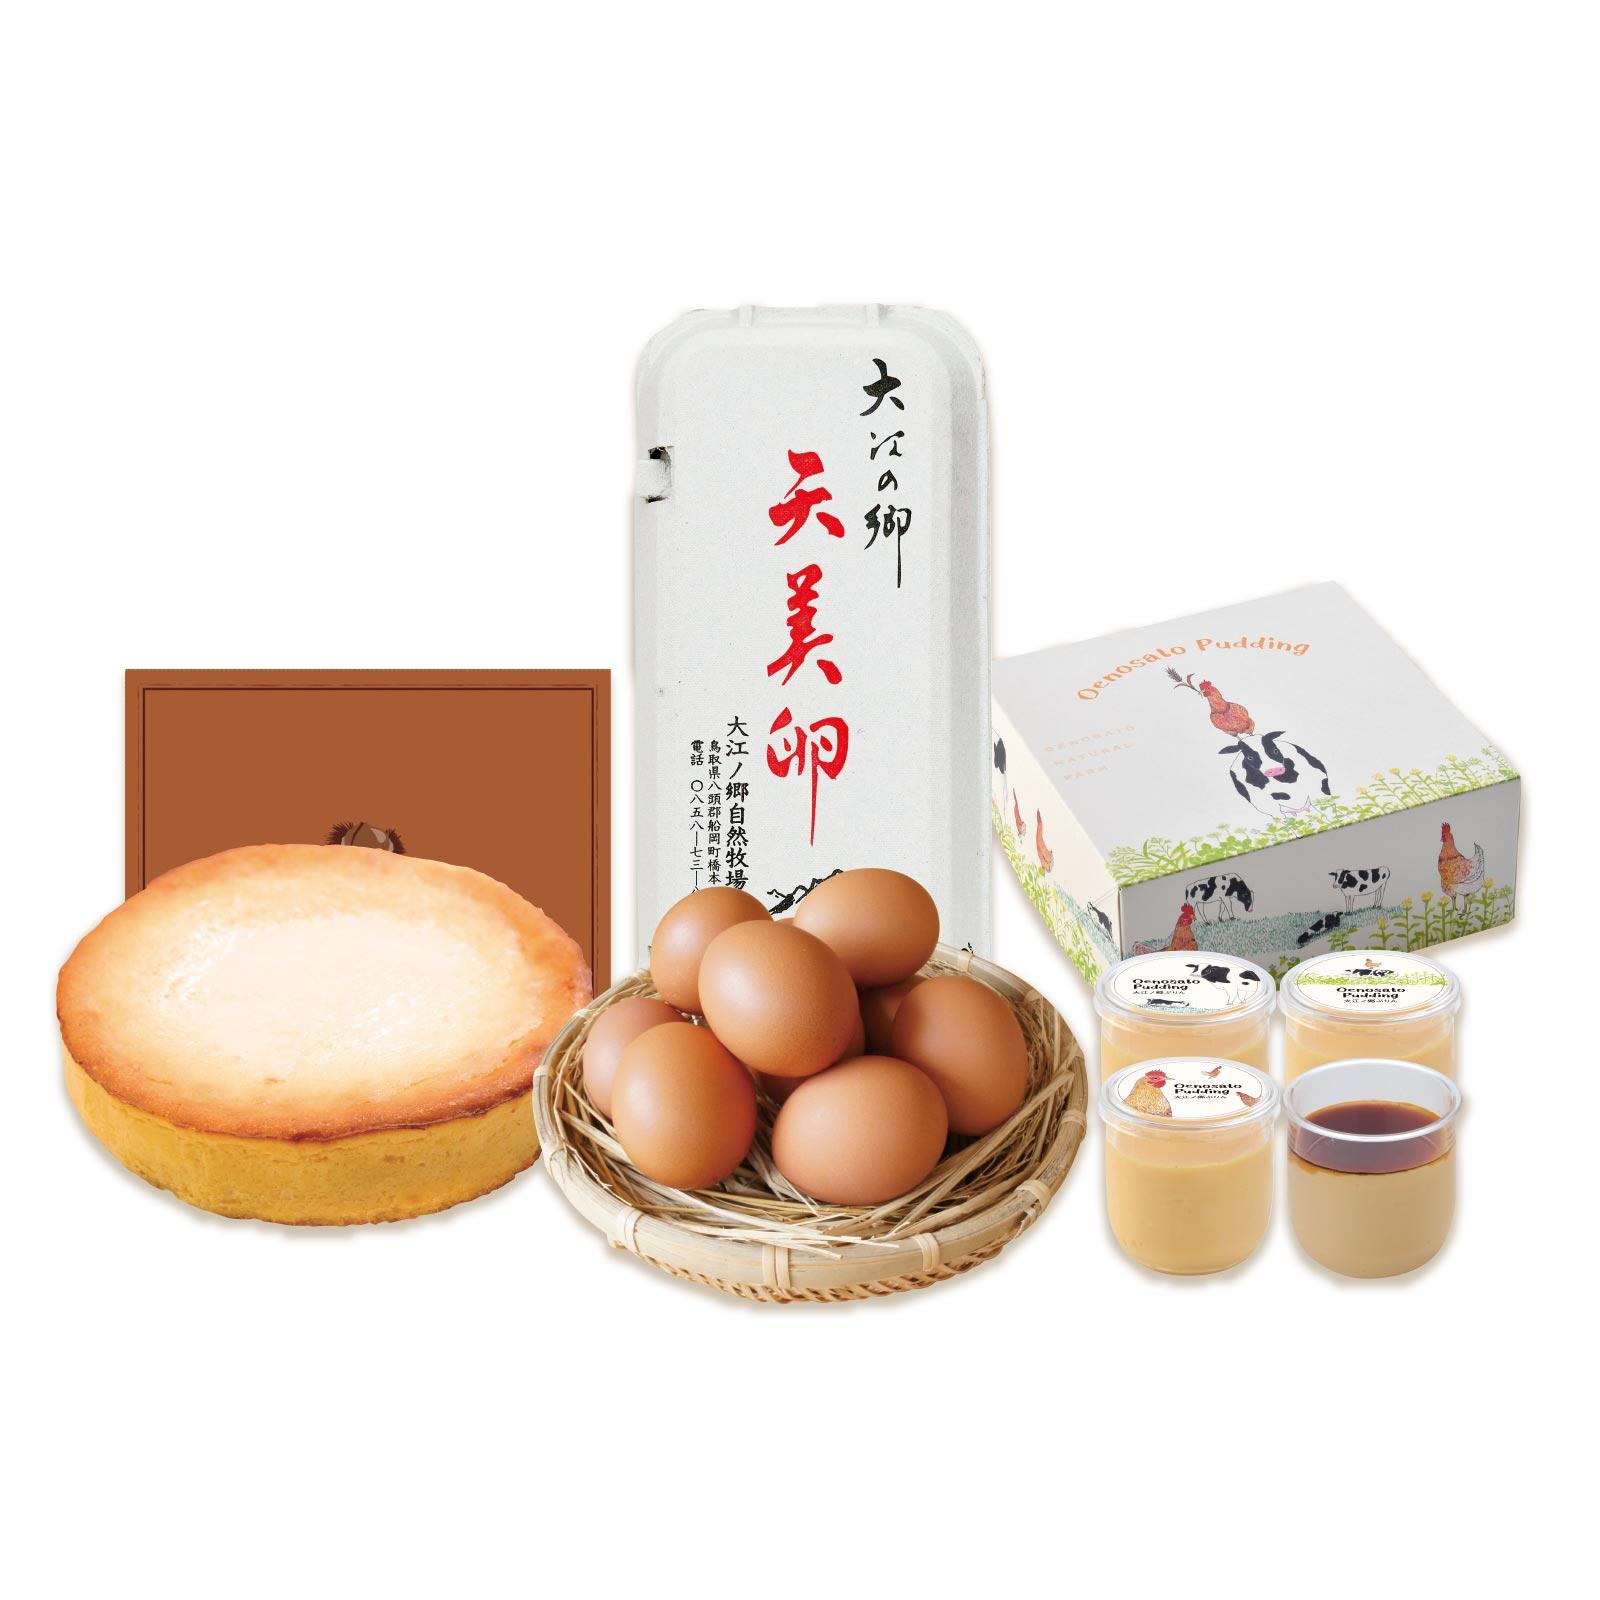 和栗たっぷりの濃厚チーズケーキにしっとりふわふわ食感のミニバウム、天美卵を詰め合わせた秋限定ギフトセット